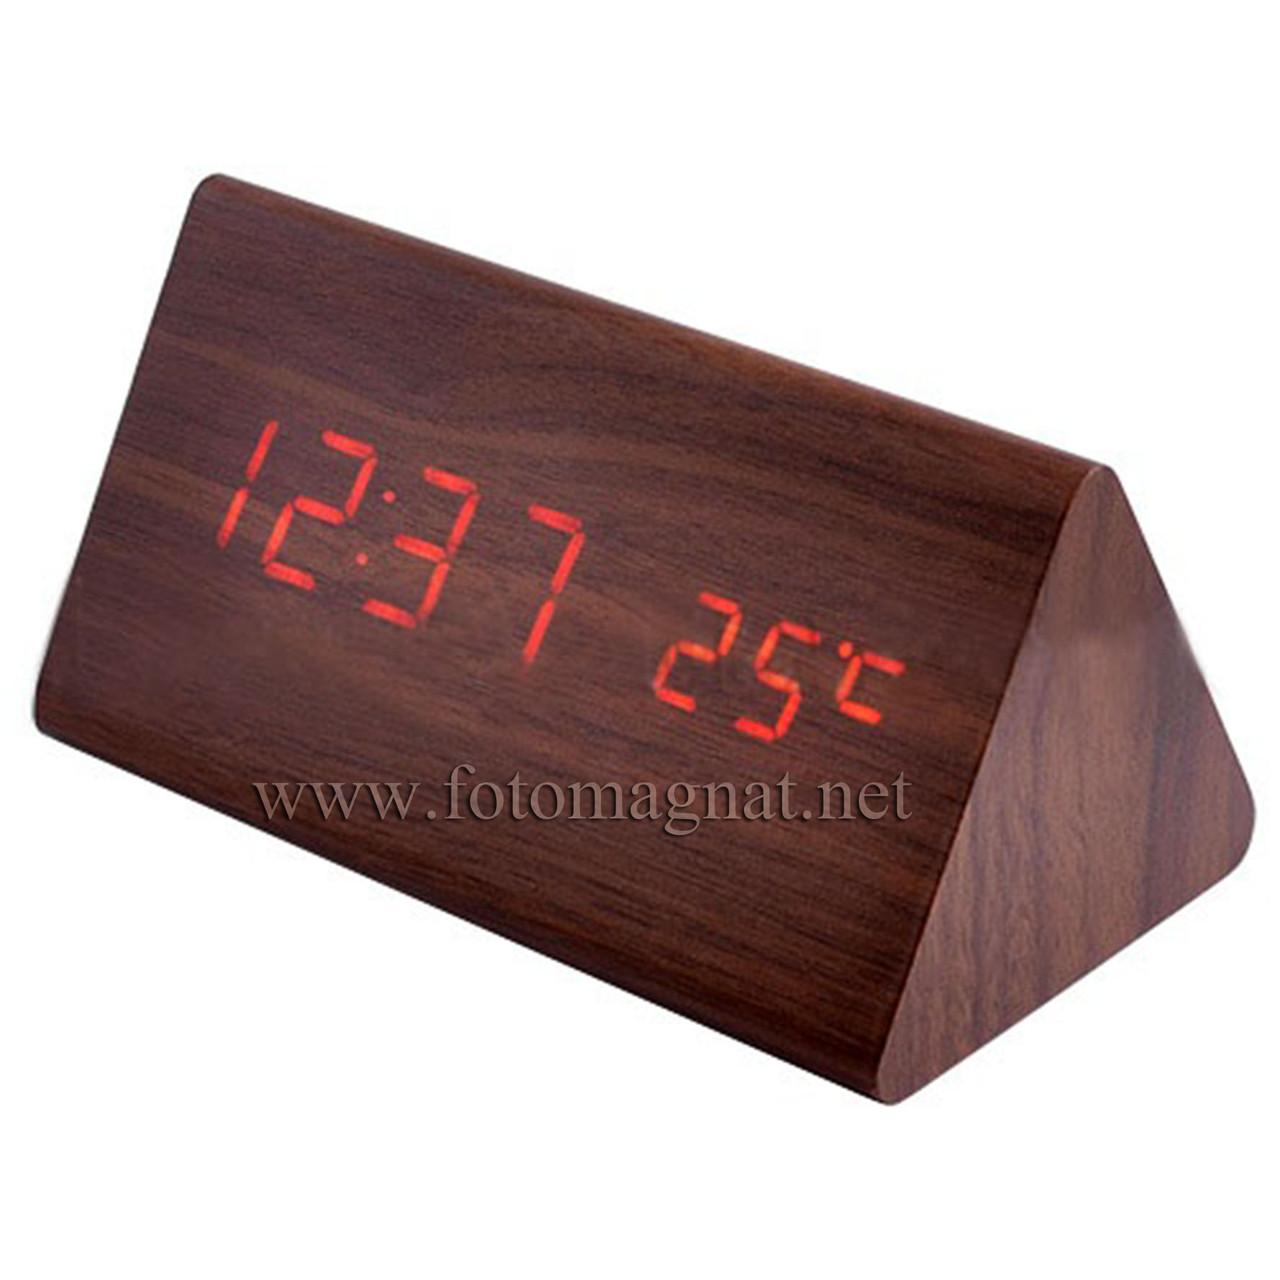 Часы настольные 861-1, сетевые и аккумуляторные, красного цвета